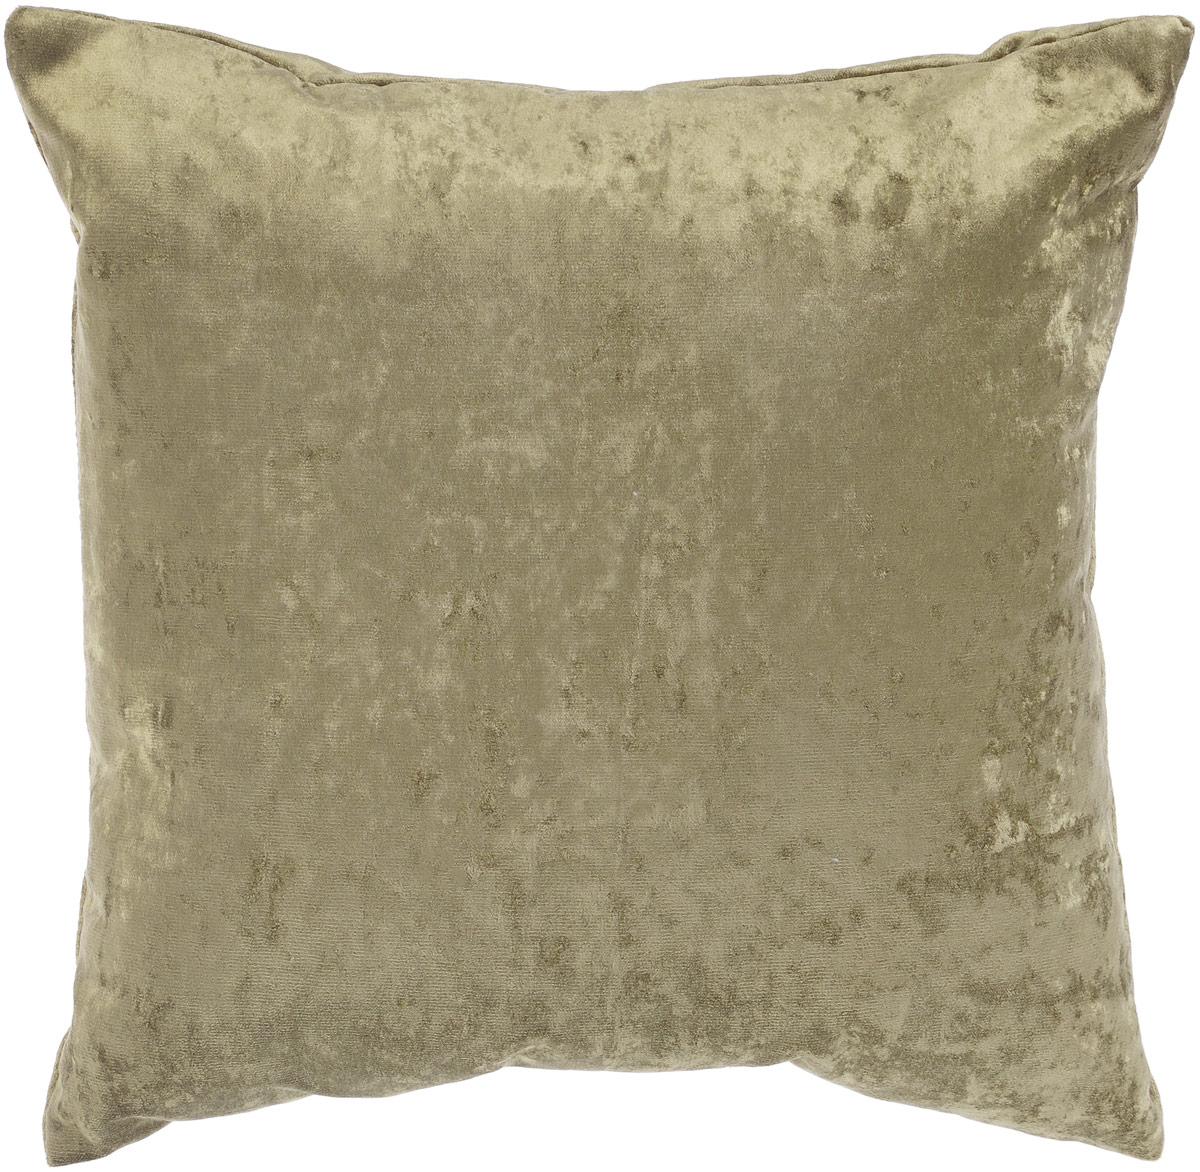 Подушка декоративная KauffOrt Бархат, цвет: темно-зеленый, 40 x 40 см3121039686Декоративная подушка Бархат прекрасно дополнит интерьер спальни или гостиной. Бархатистый на ощупь чехол подушки выполнен из 49% вискозы, 42% хлопка и 9% полиэстера. Внутри находится мягкий наполнитель. Чехол легко снимается благодаря потайной молнии.Красивая подушка создаст атмосферу уюта и комфорта в спальне и станет прекрасным элементом декора.